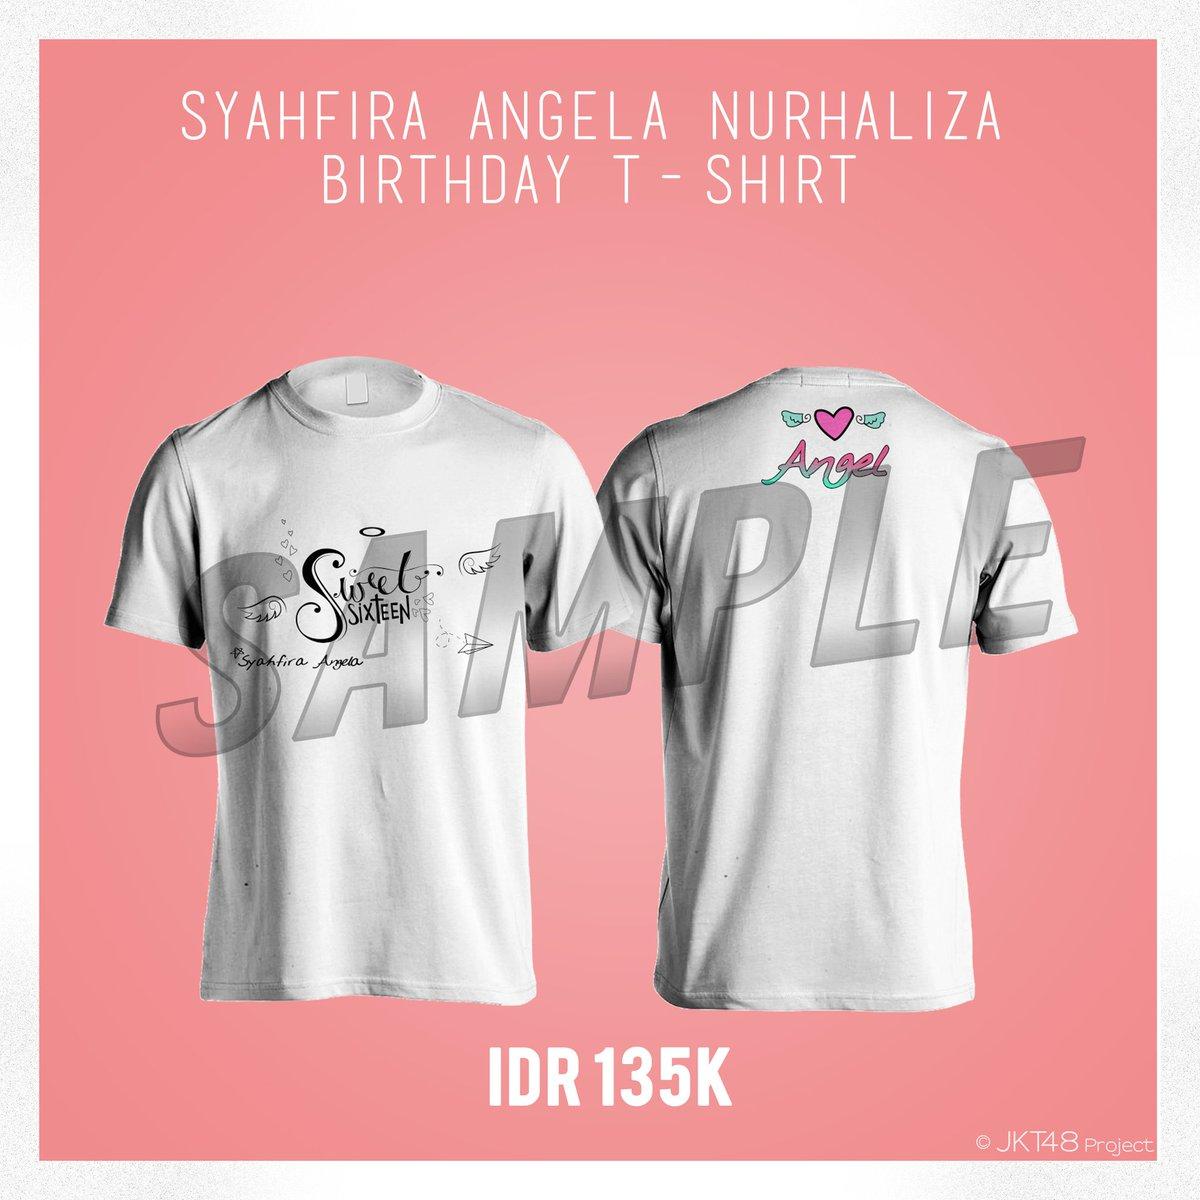 Desain t shirt jkt48 - Design Birthday T Shirt S_angeljkt48 M_desyjkt48 Pic Twitter Com Sdyk1pwa97